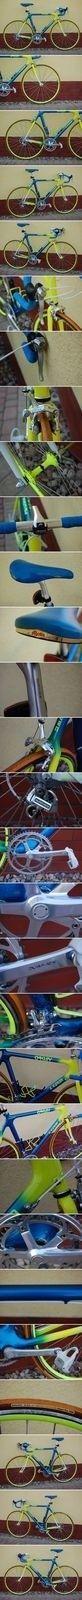 Oakley Bicycle? - 766.jpg